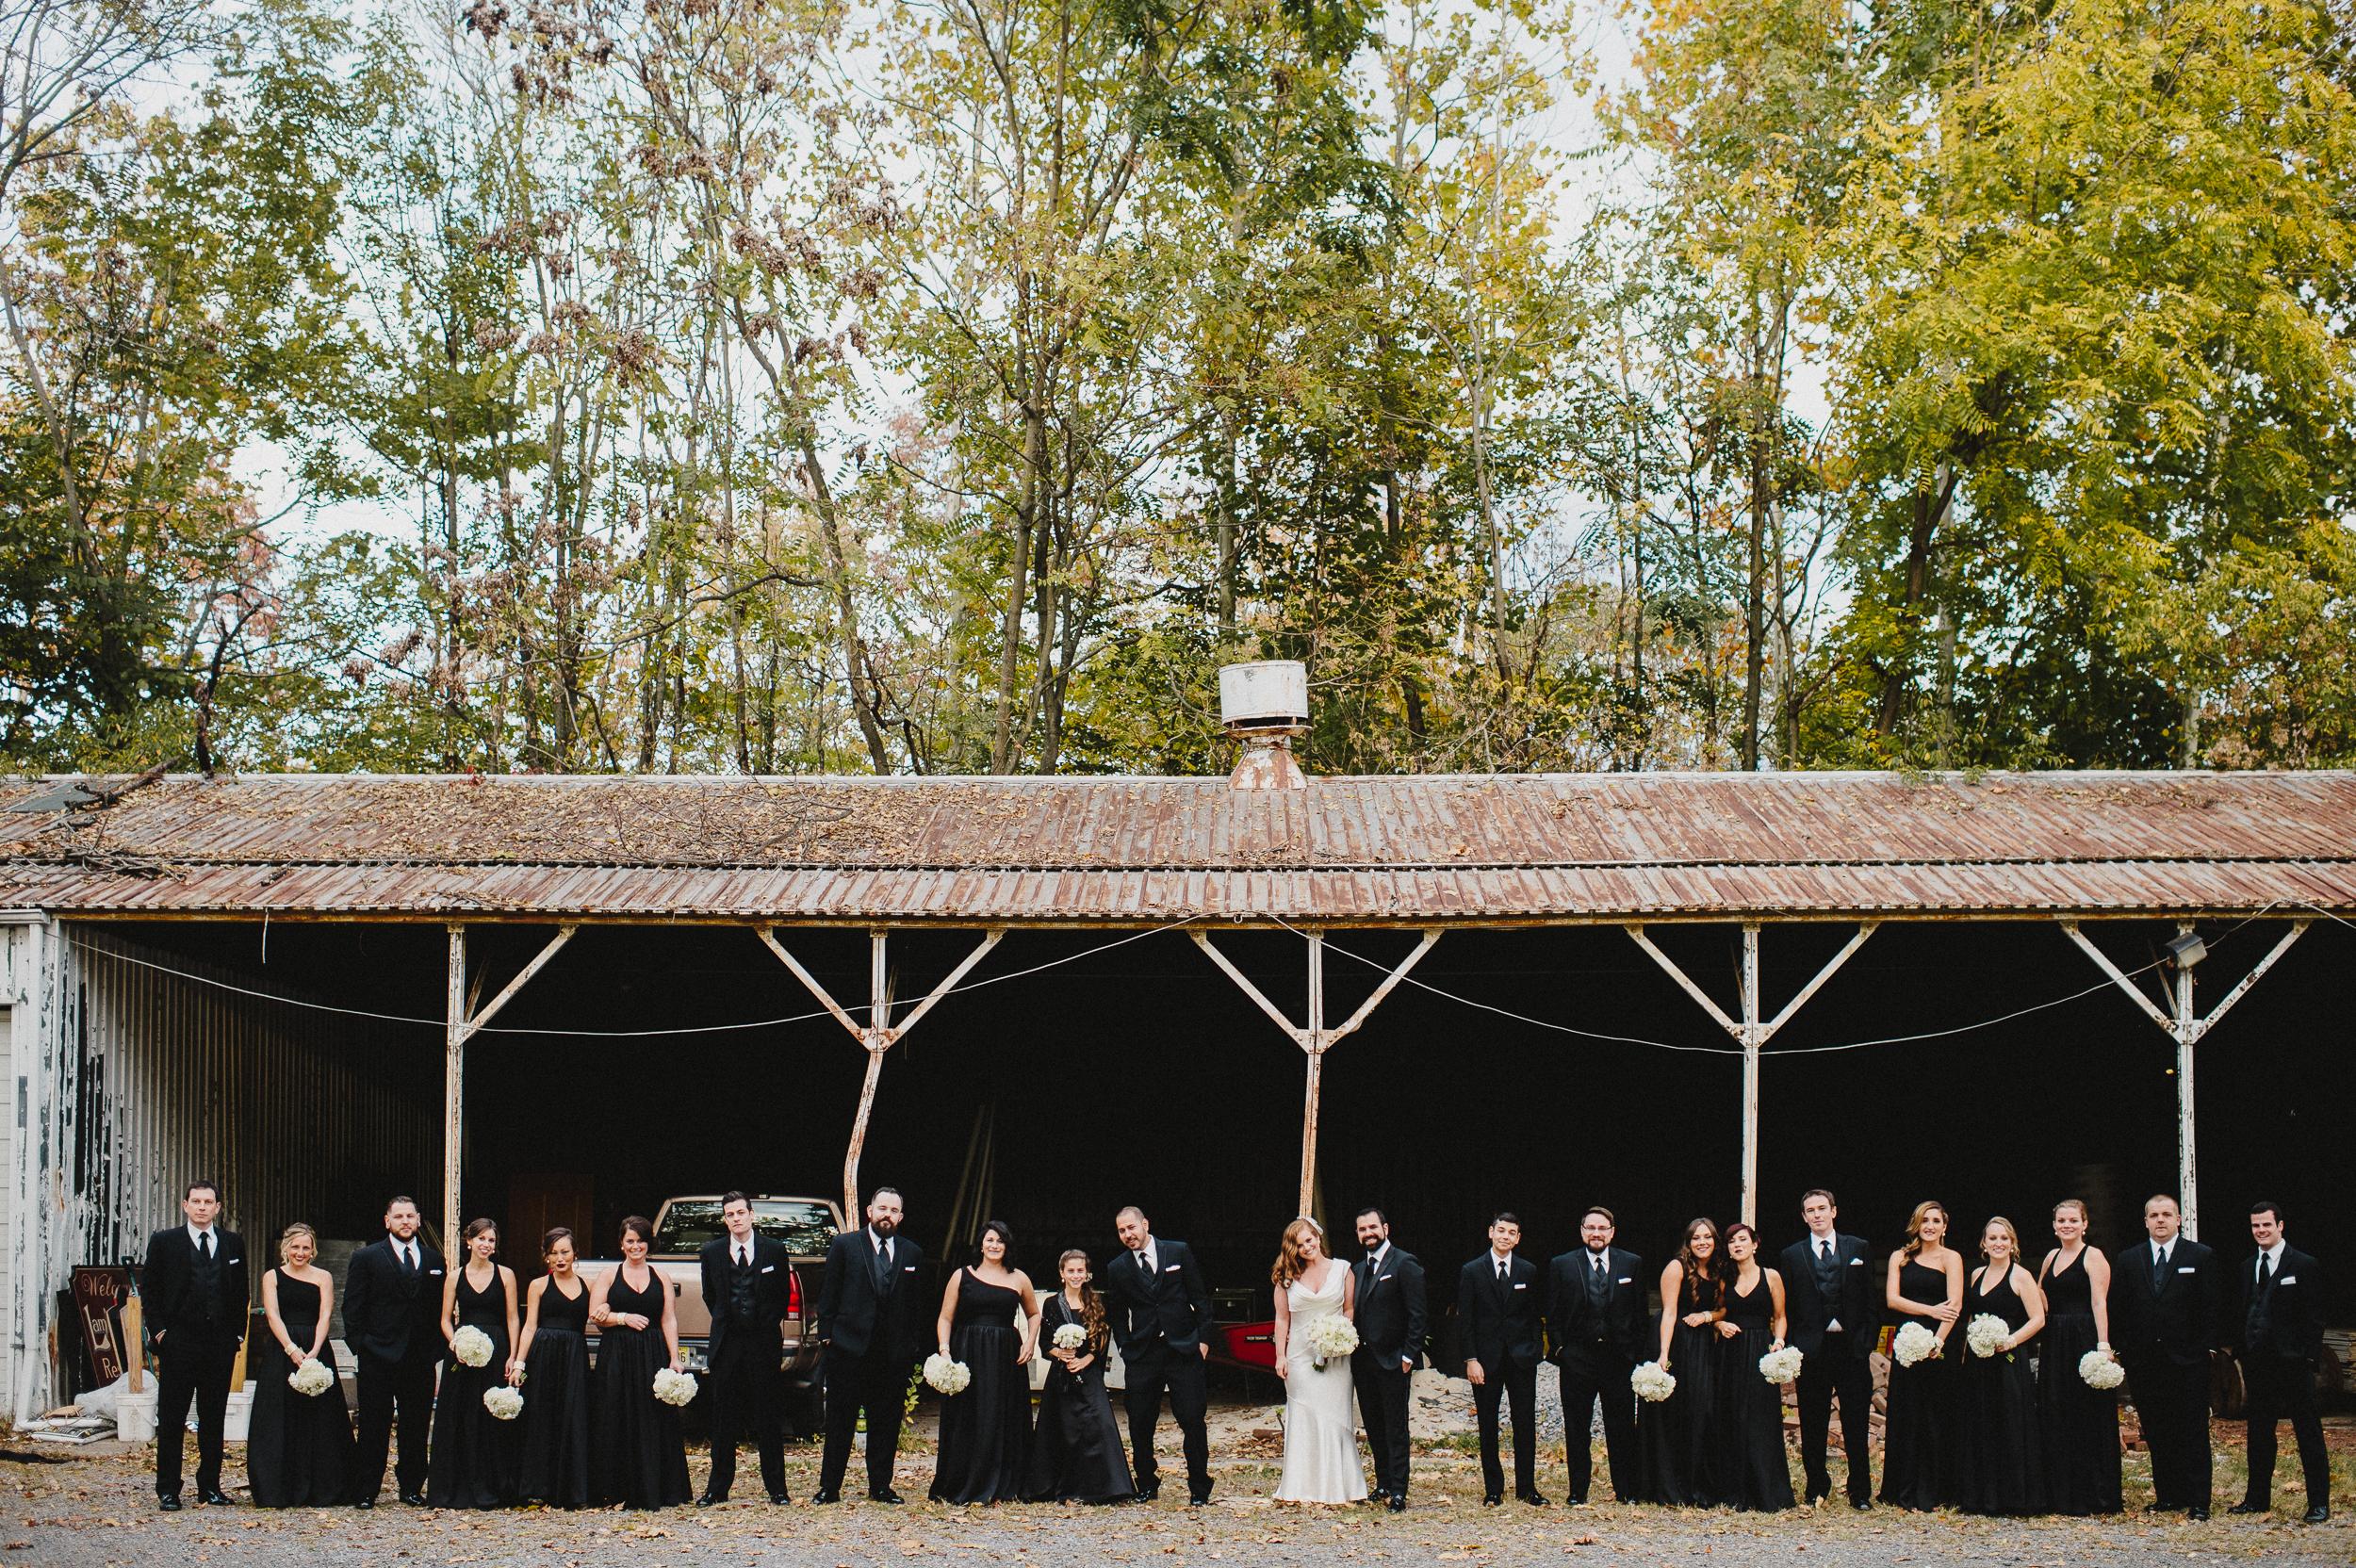 lambertville-station-wedding-photographer-20.jpg